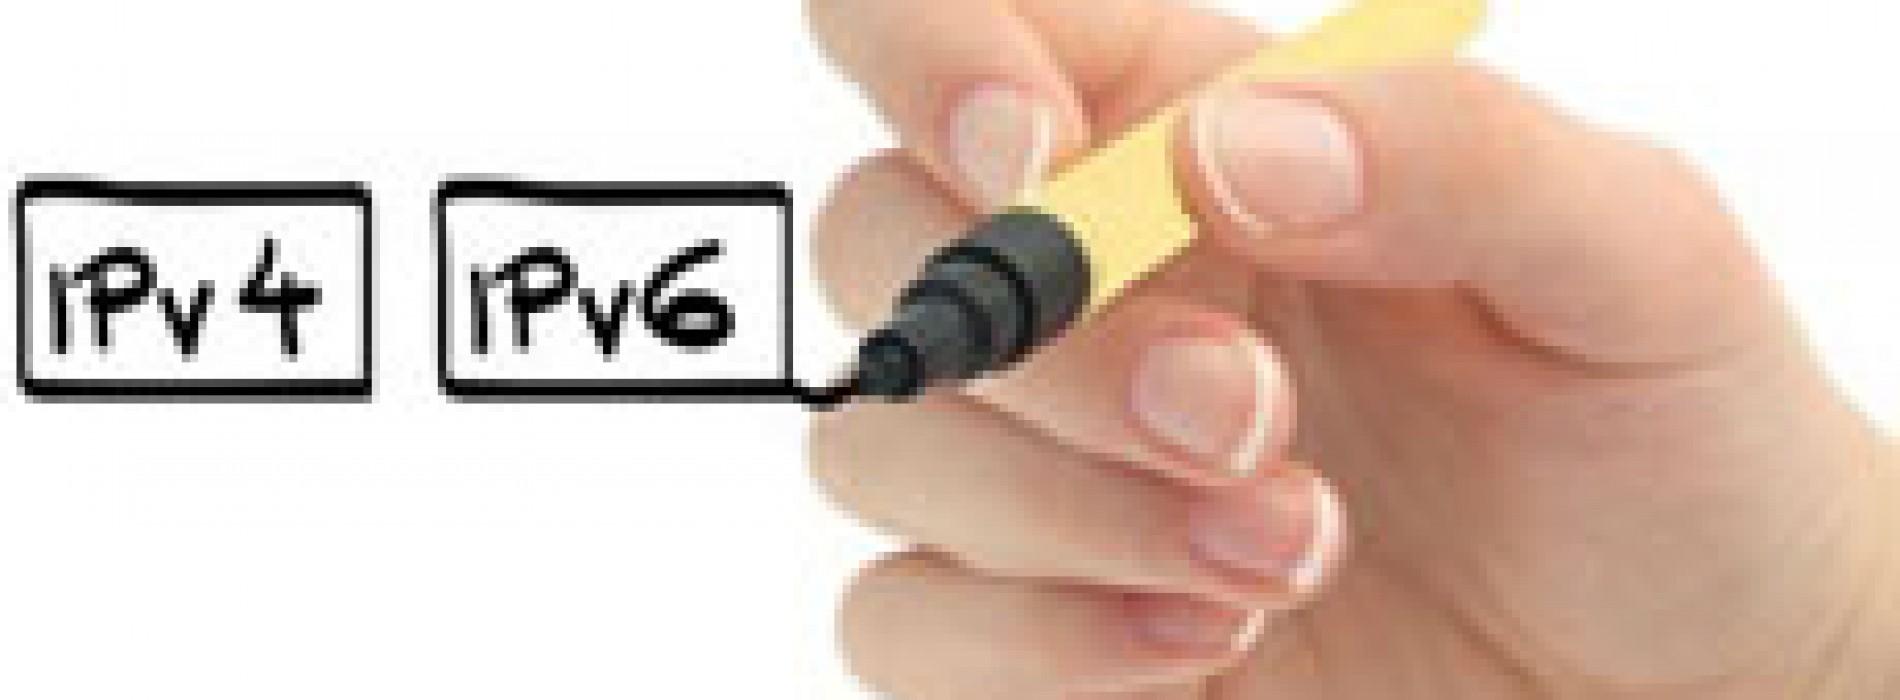 La importancia de migrar a IPv6